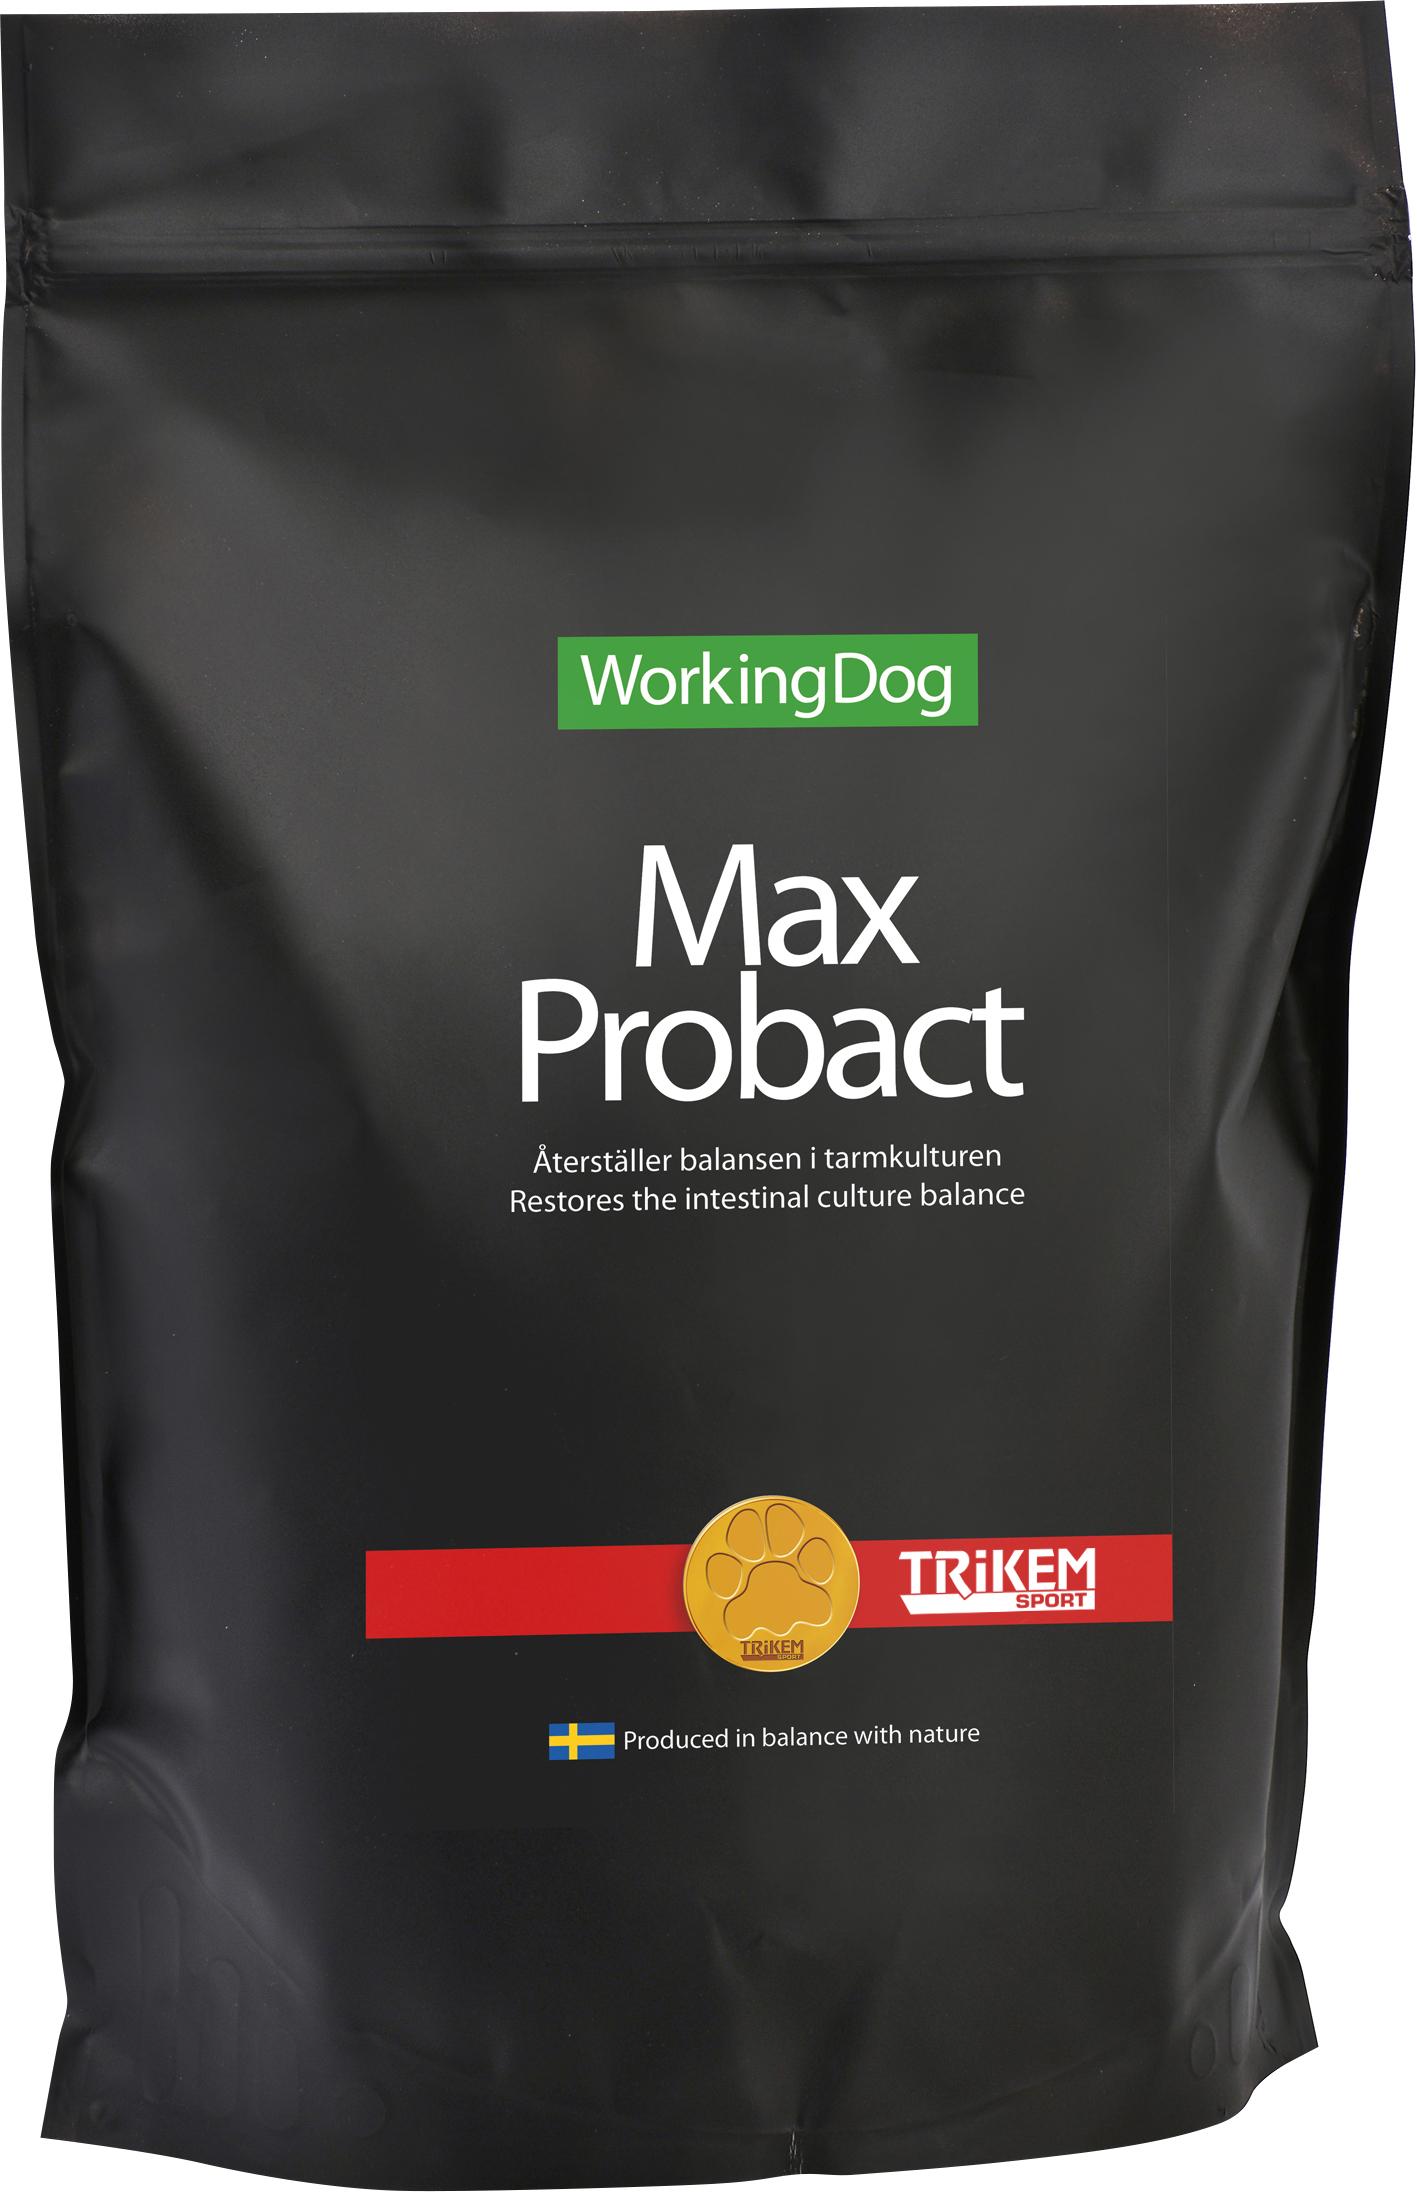 Tillskott Trikem WorkingDog Max Probact, 6 x 10 g